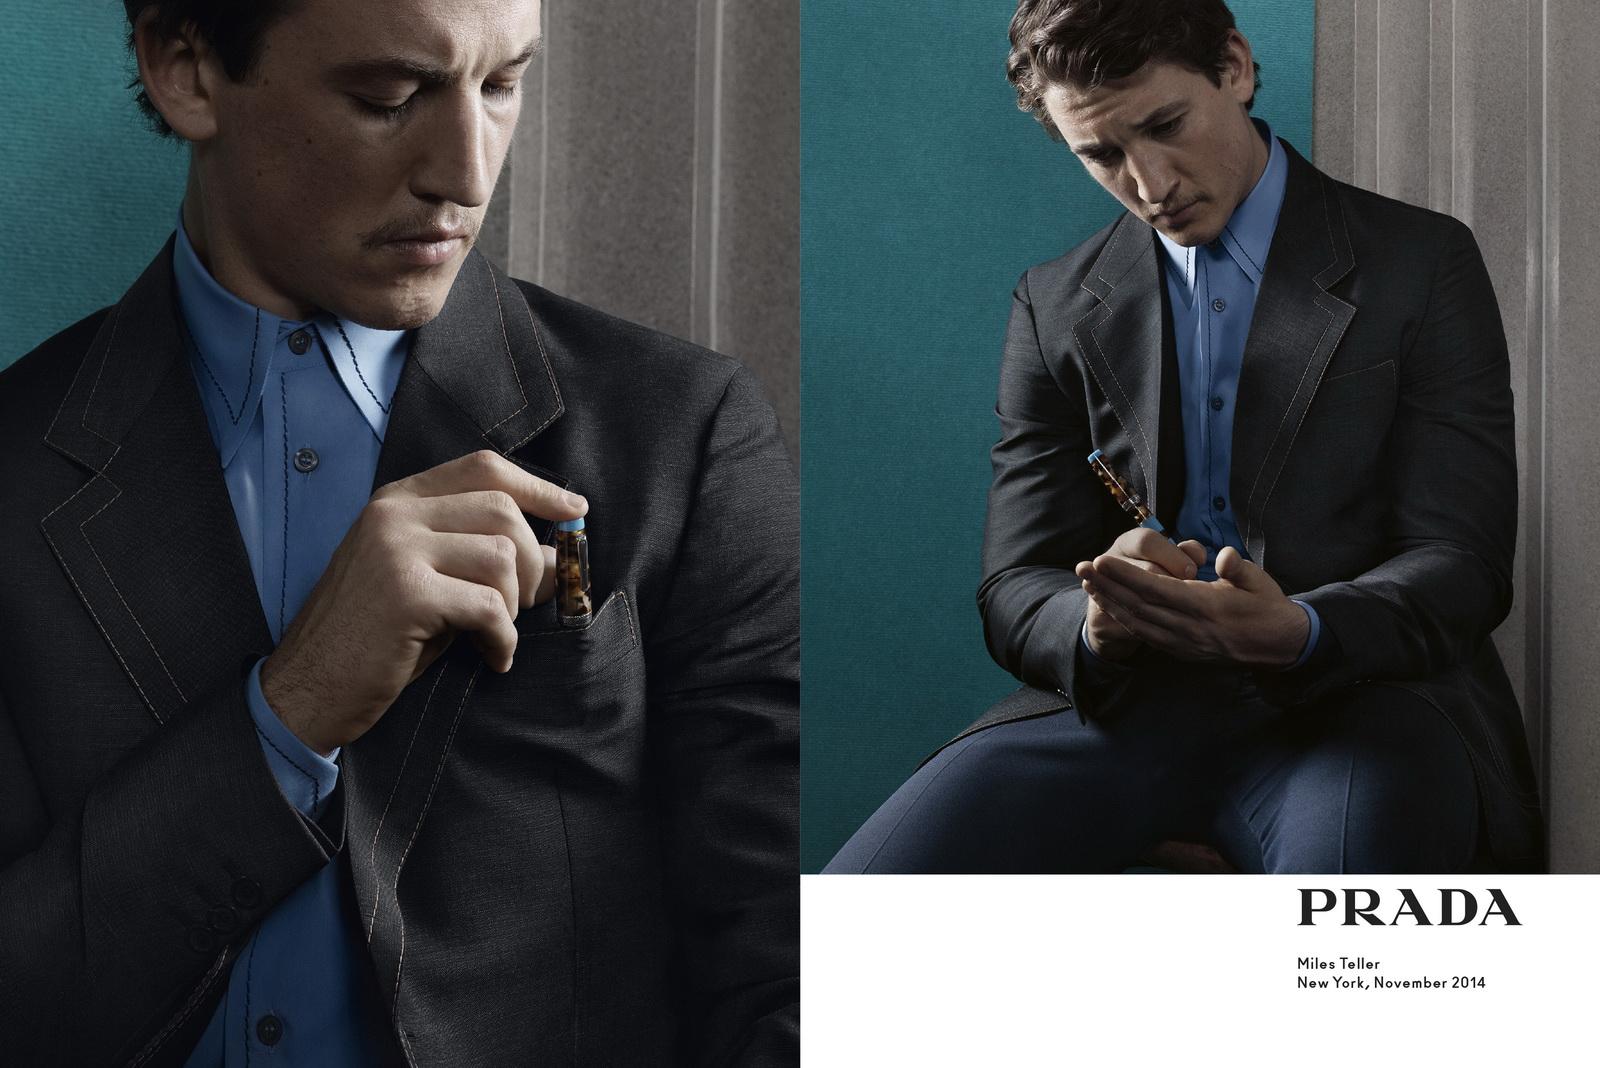 Prada SS15 Menswear Adv Campaign image_03